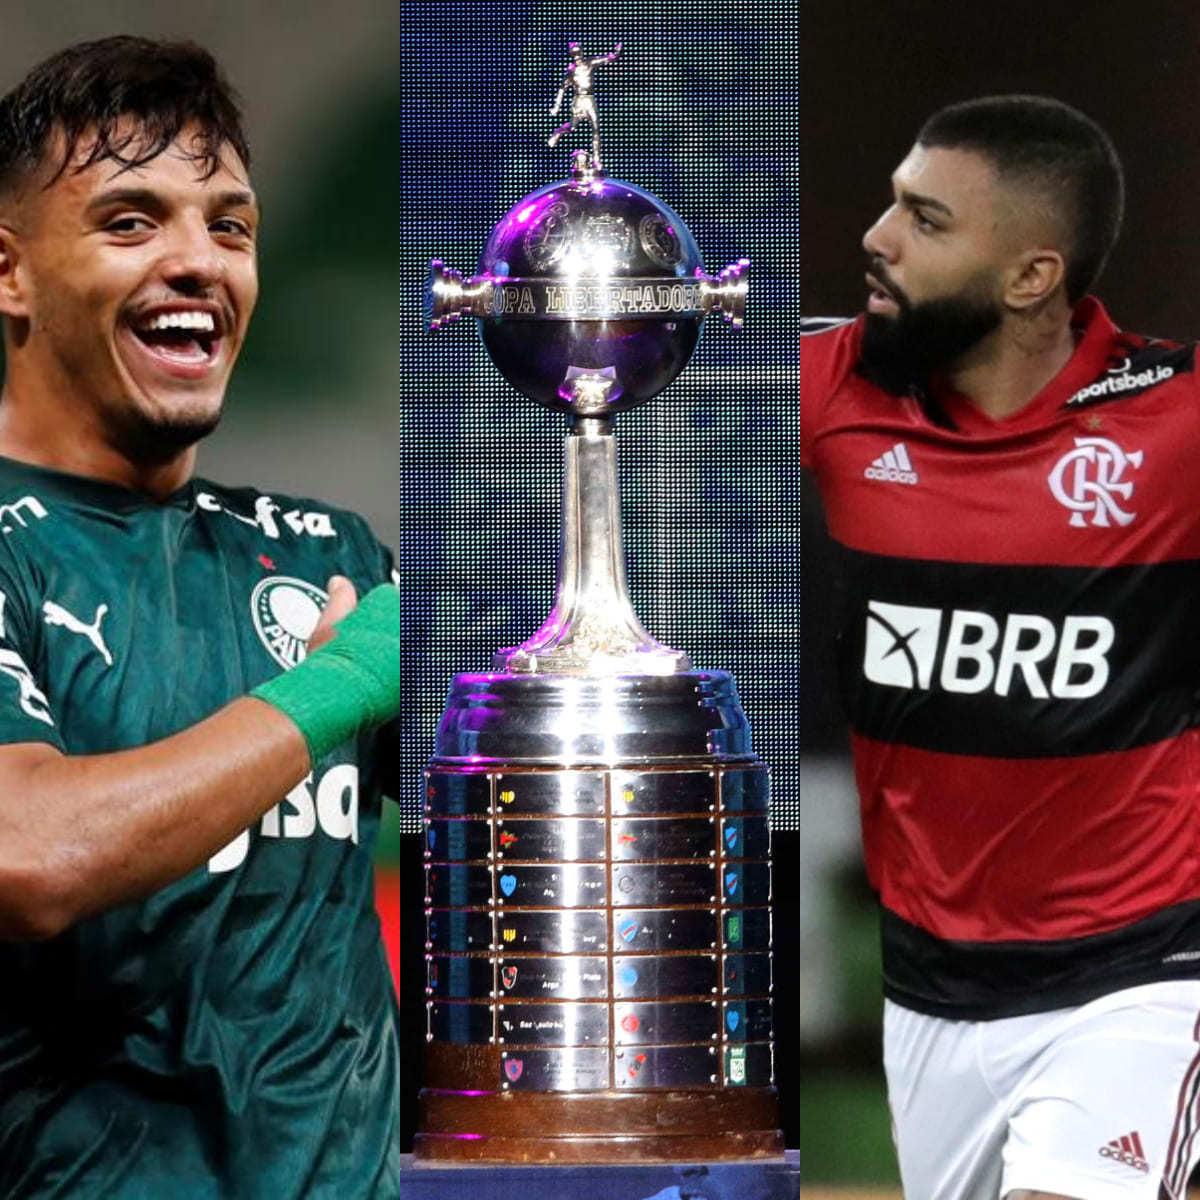 Saiba quem são os jogadores mais valiosos da Libertadores